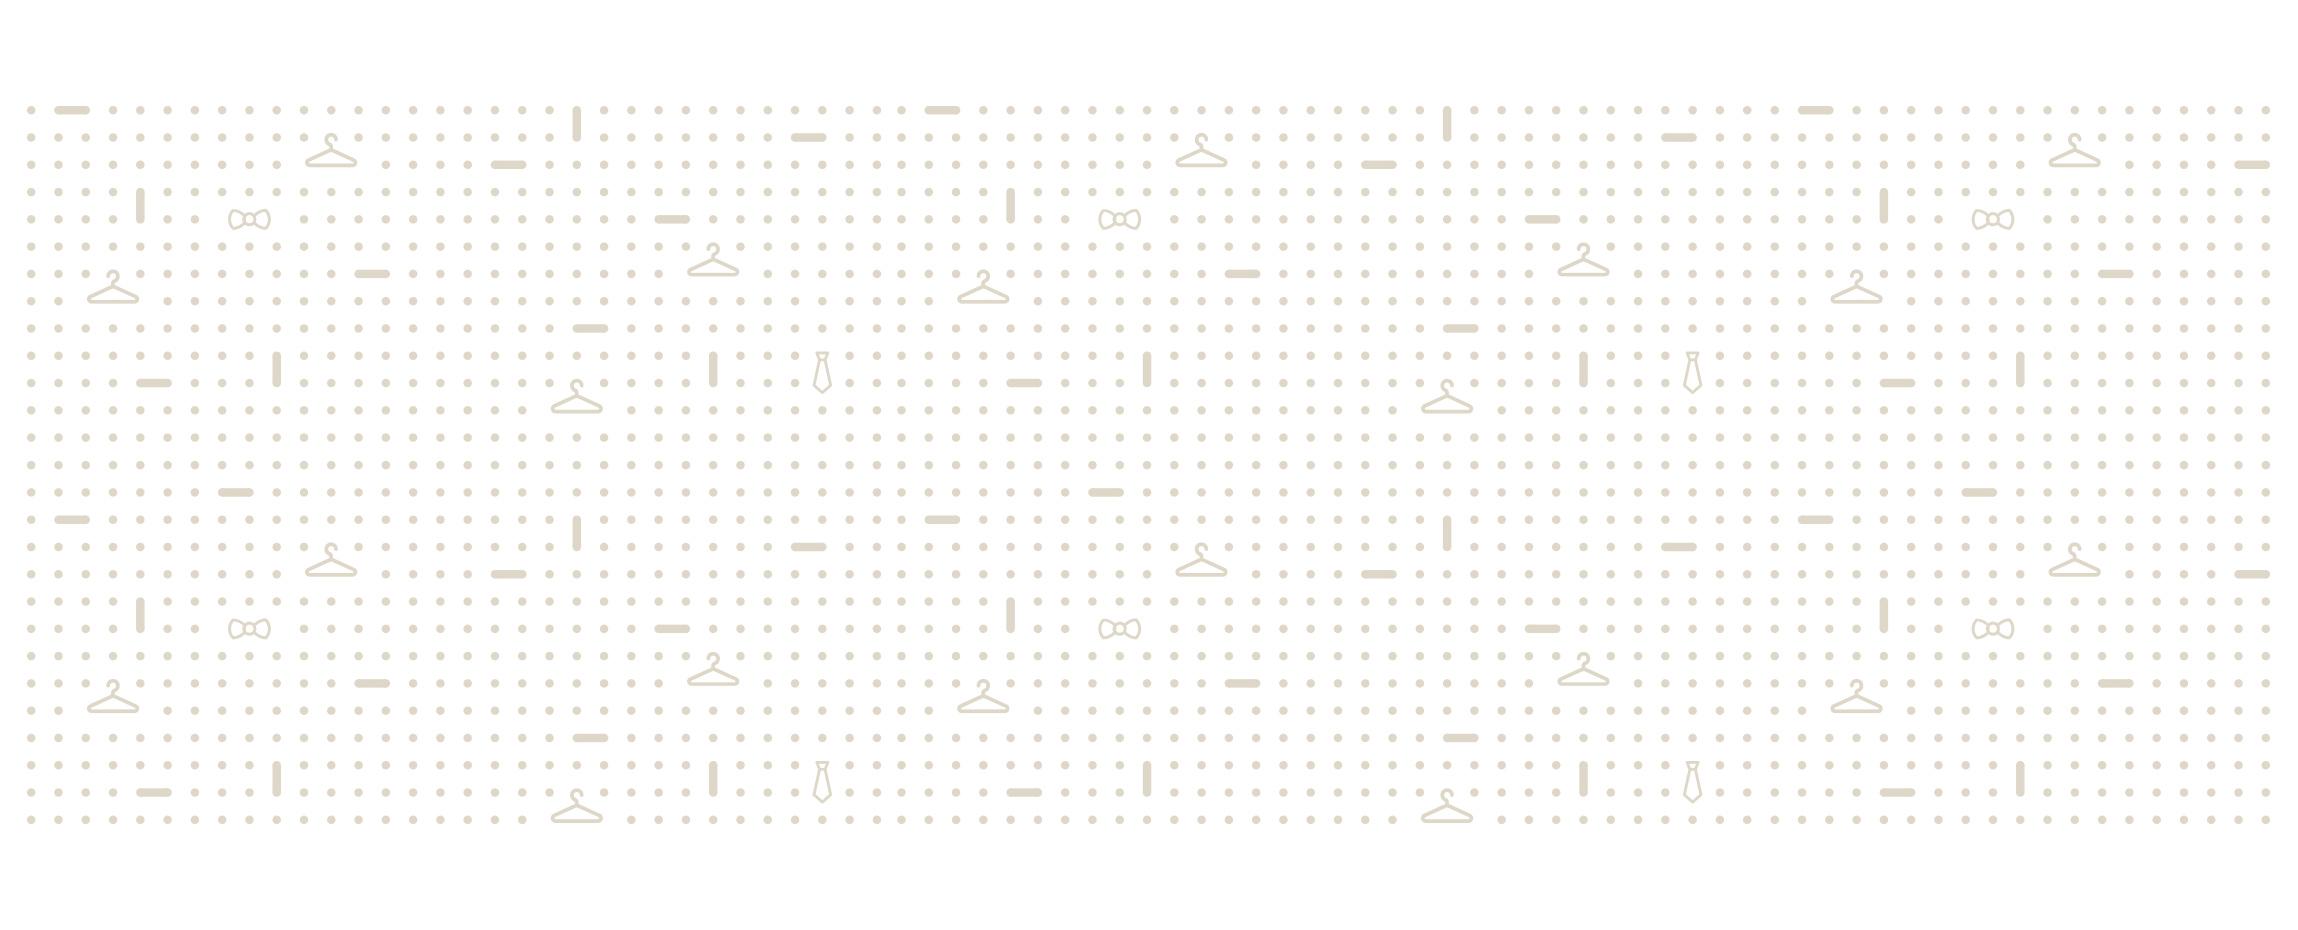 daniel-zito-mini-closet-logo-design-grafico-malha2.jpg